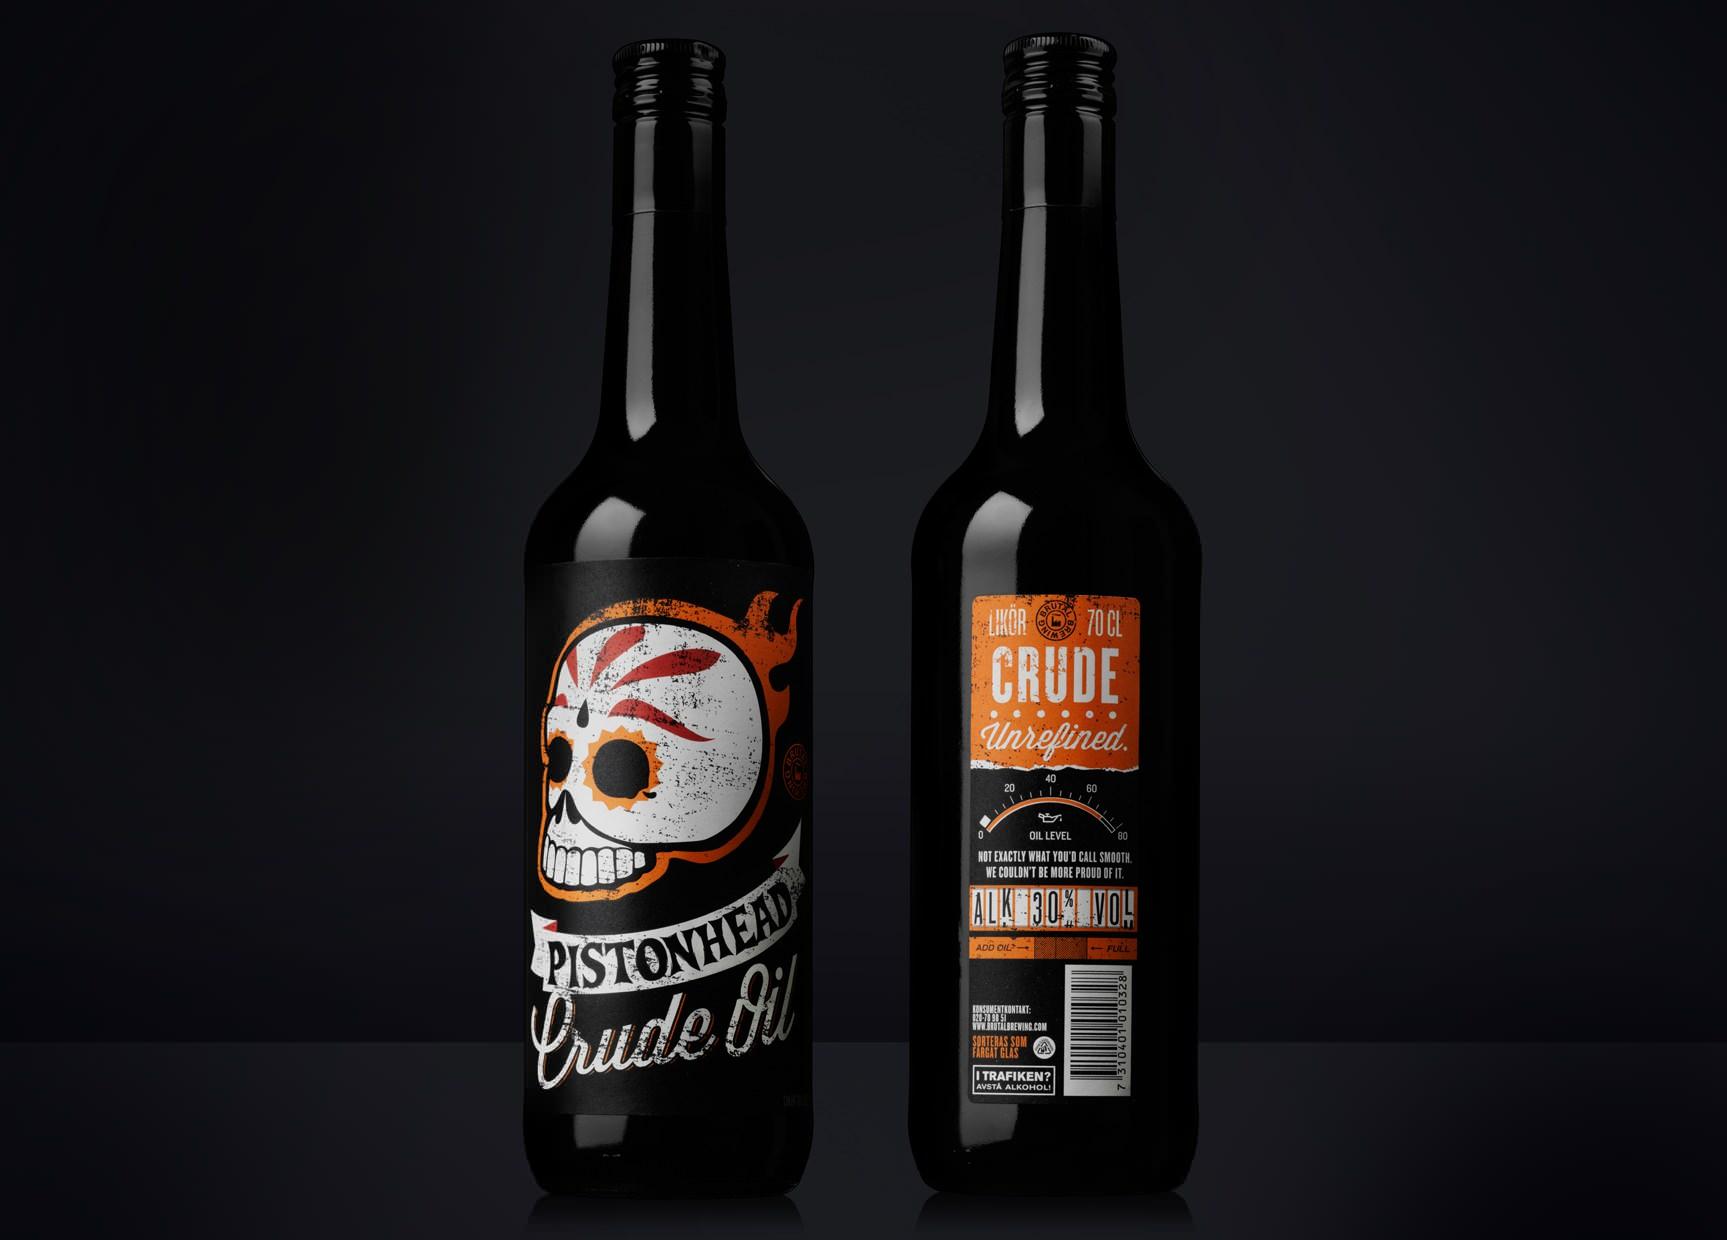 Crudeoil1_2flaskor